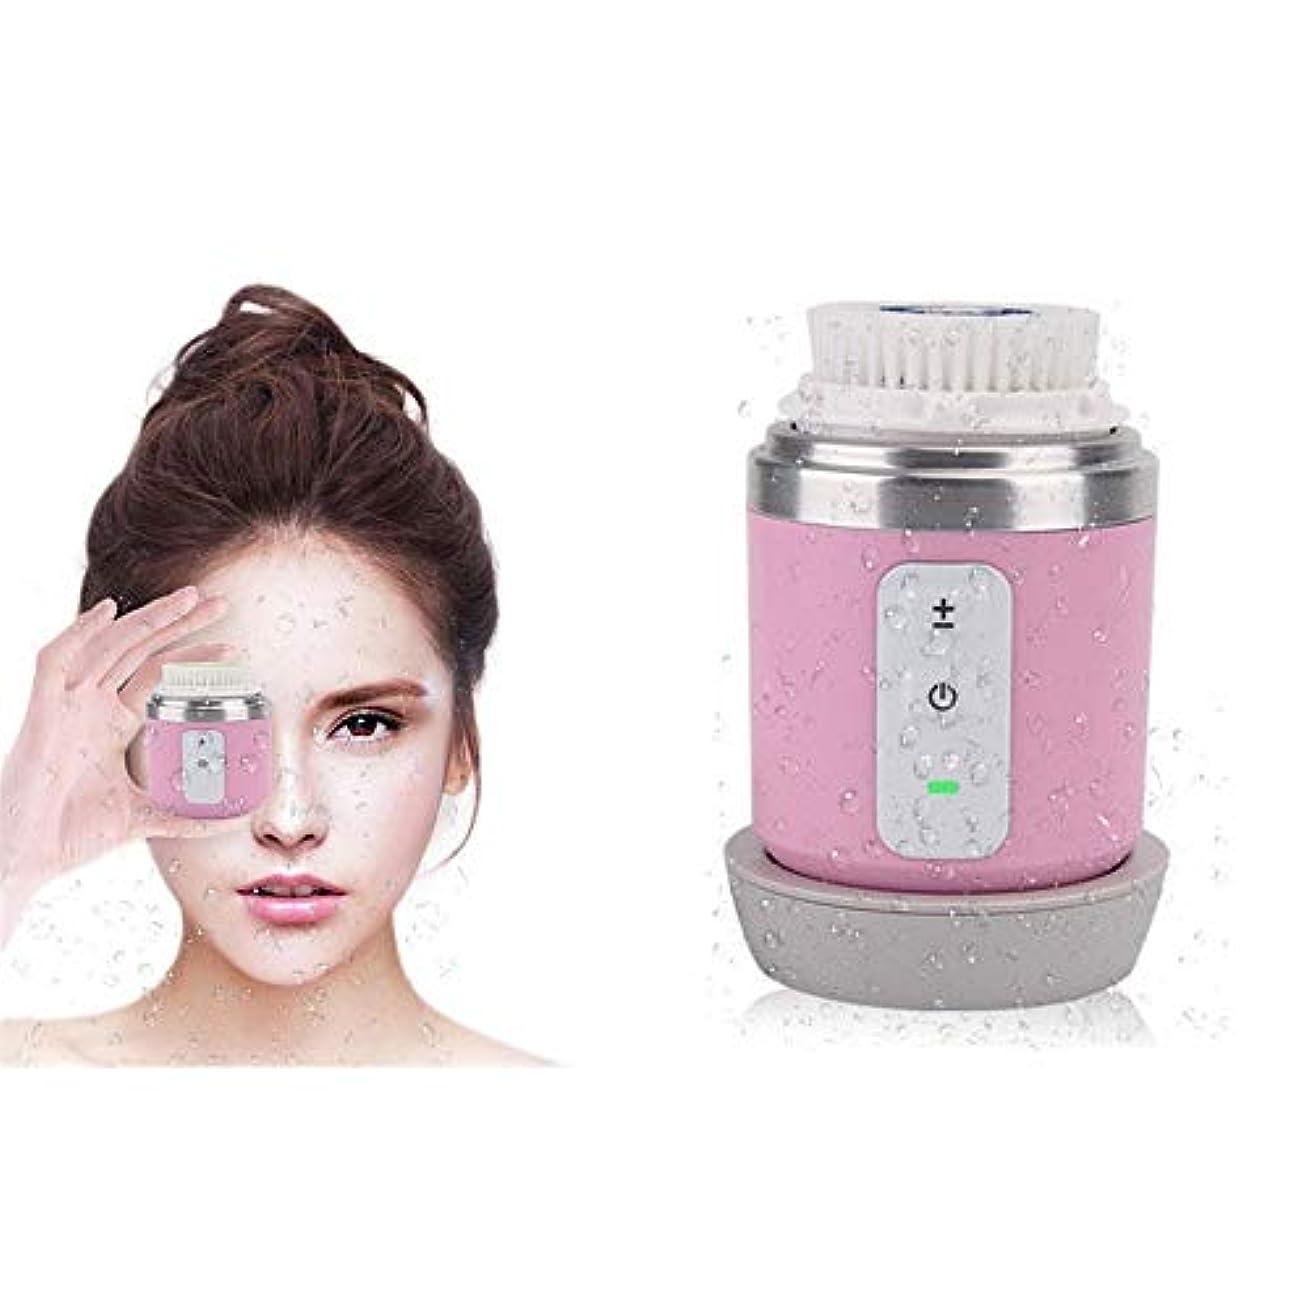 情報銀フィドルフェイシャル?クレンザーブラシ、電動洗顔ブラシ、エクスフォリエイティングとブラックヘッドのためにブラックヘッドシリコーン美容インストゥルメントアプライアンスに防水クレンジング器振動クリーナー毛穴